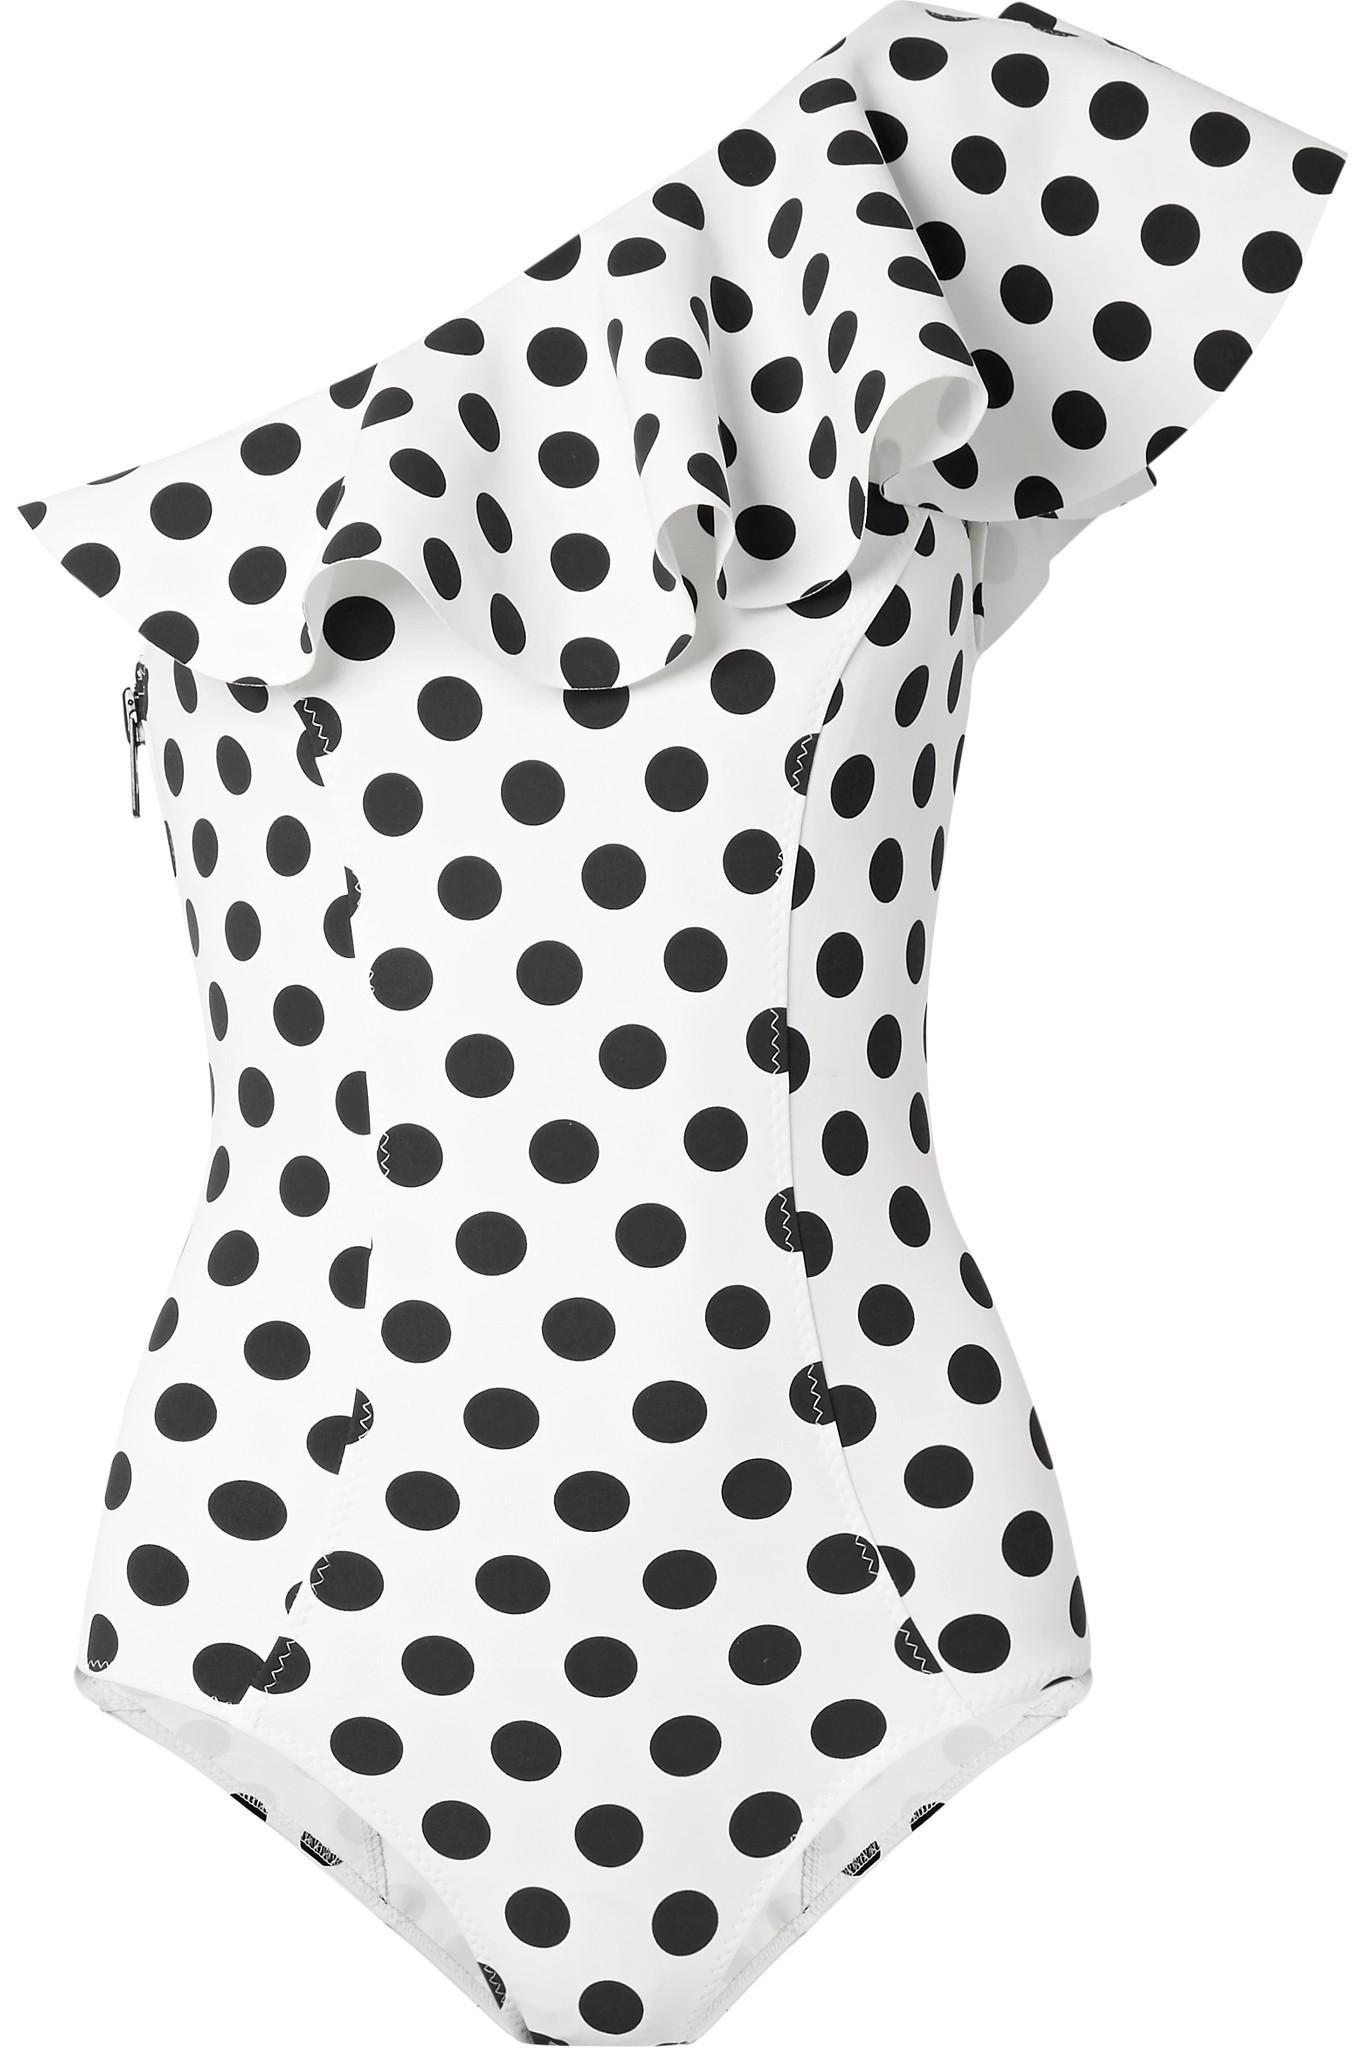 Lisa Marie Fernandez Maillot De Bain En Tissu Collé à Pois Jasmine - Noir Boutique Pas Cher Pour bG2i7J